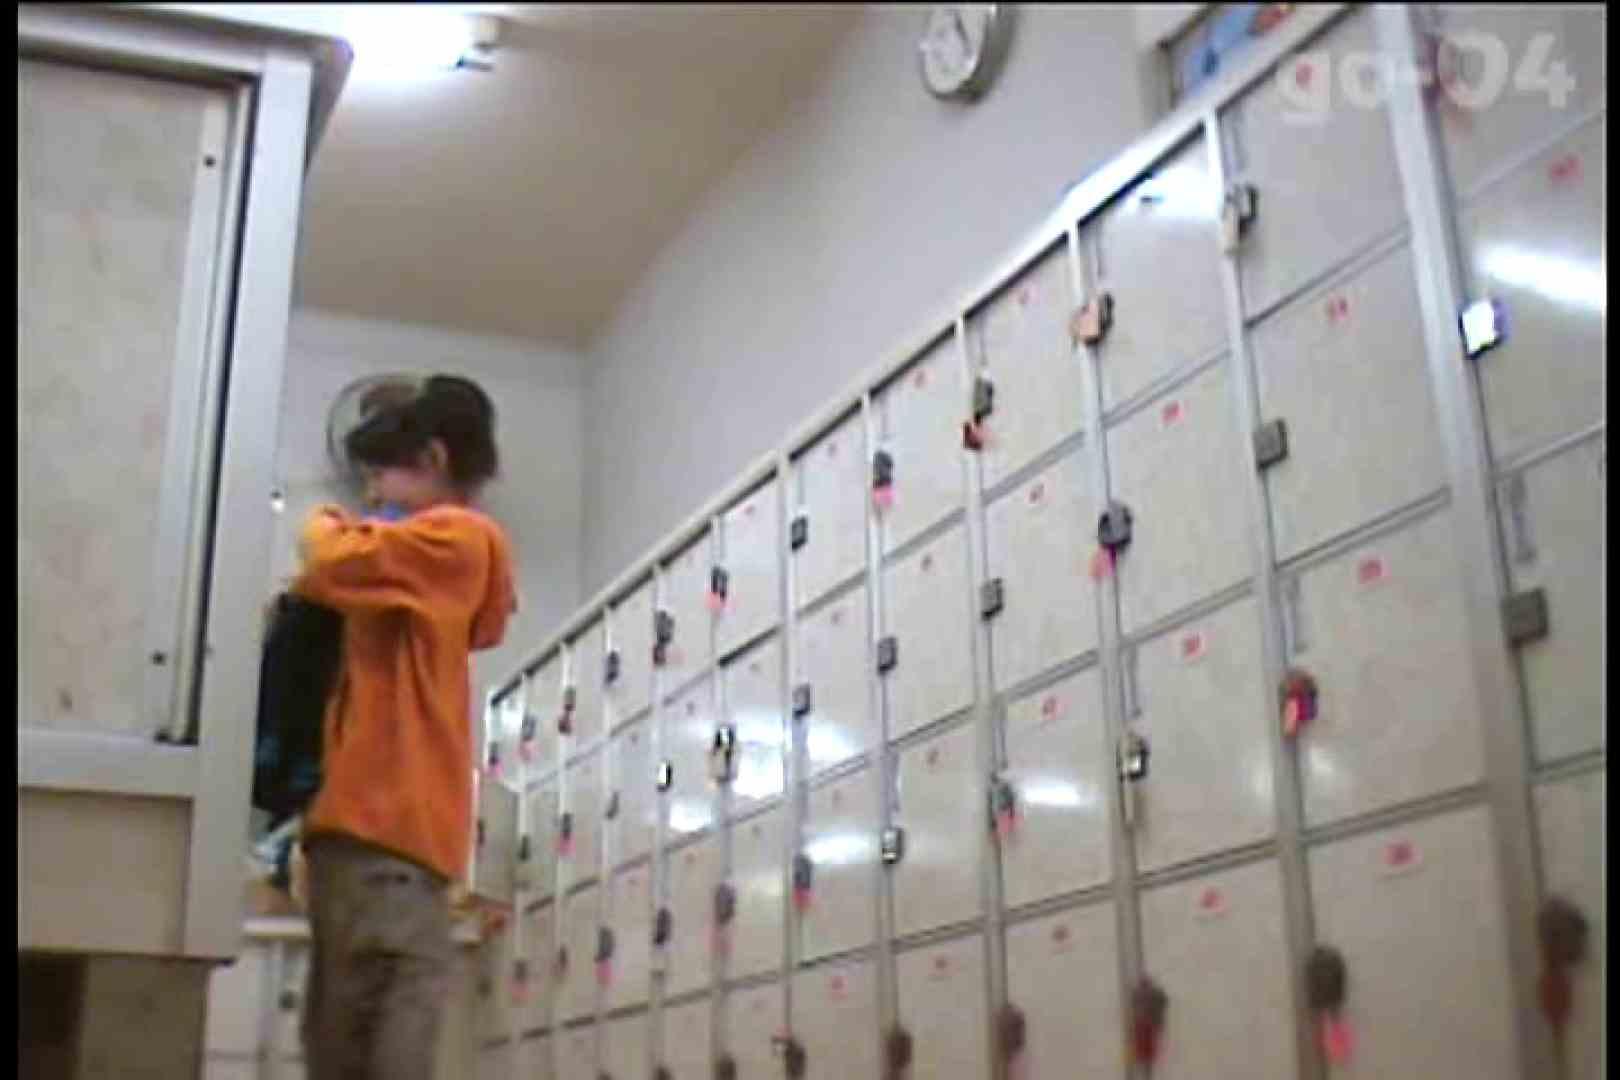 電波カメラ設置浴場からの防HAN映像 Vol.04 盗撮編 SEX無修正画像 100枚 34